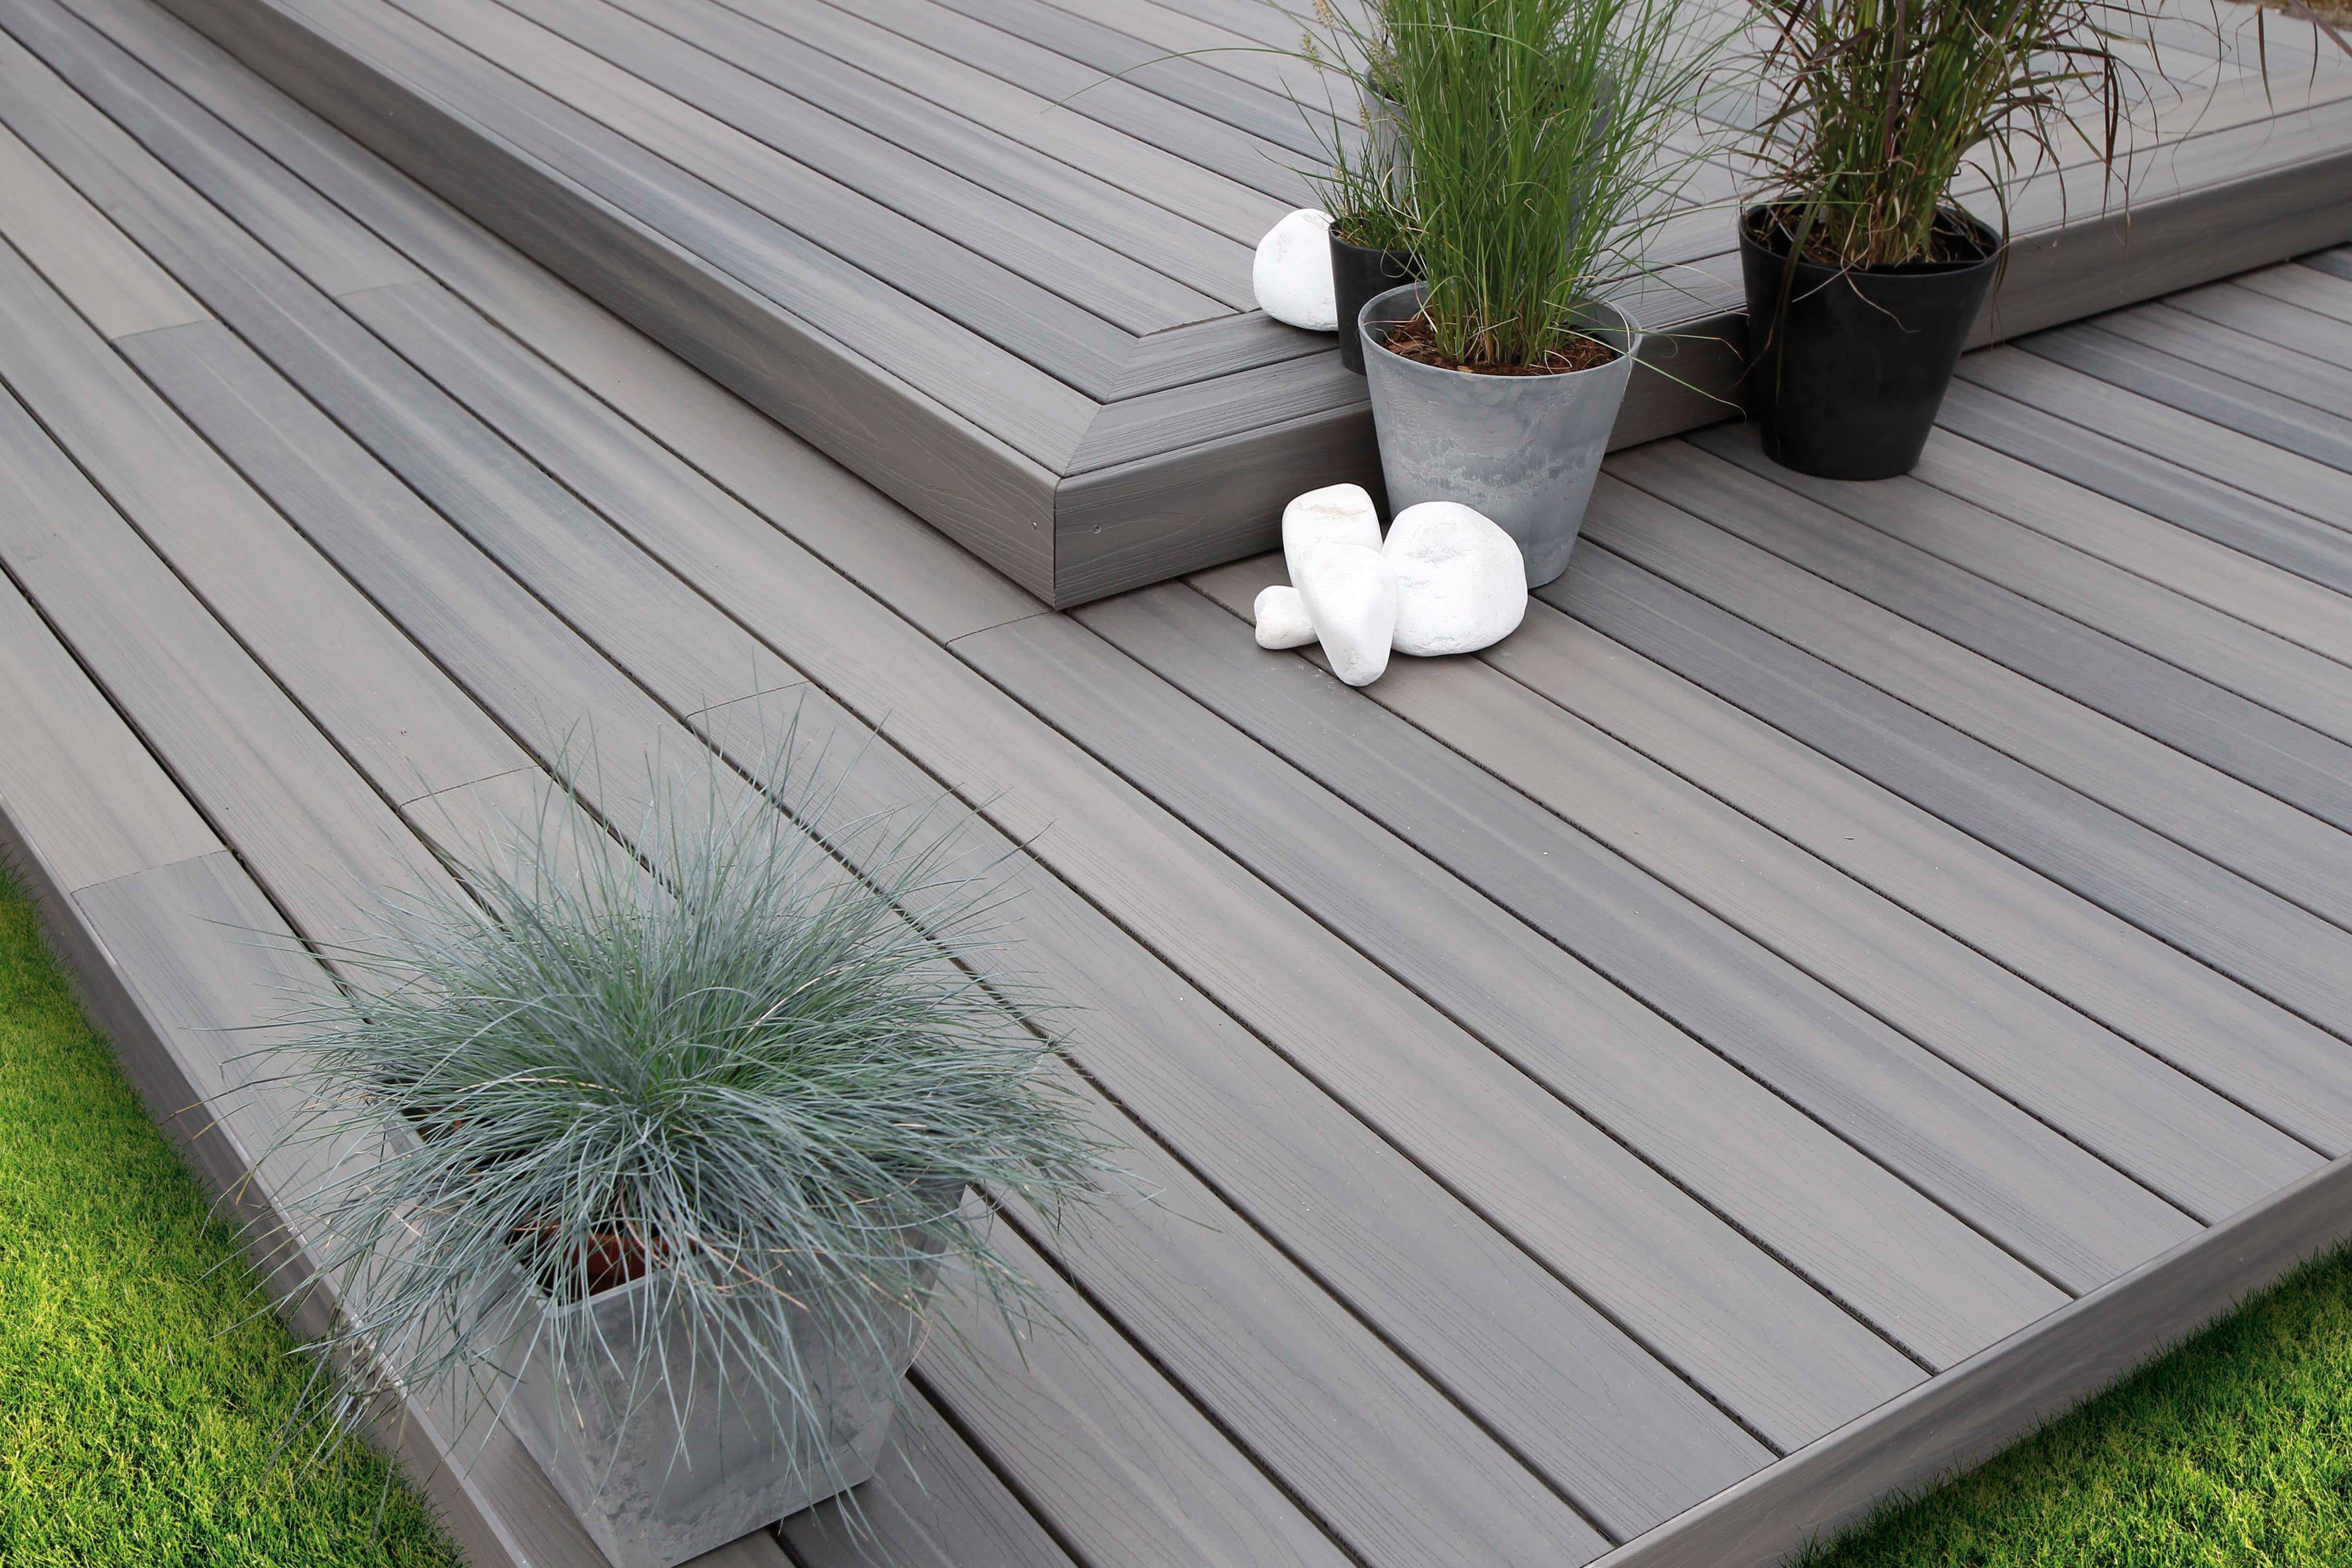 Couvrir Une Terrasse Permis De Construire terrasse en bois : ce qu'il faut savoir avant de se lancer